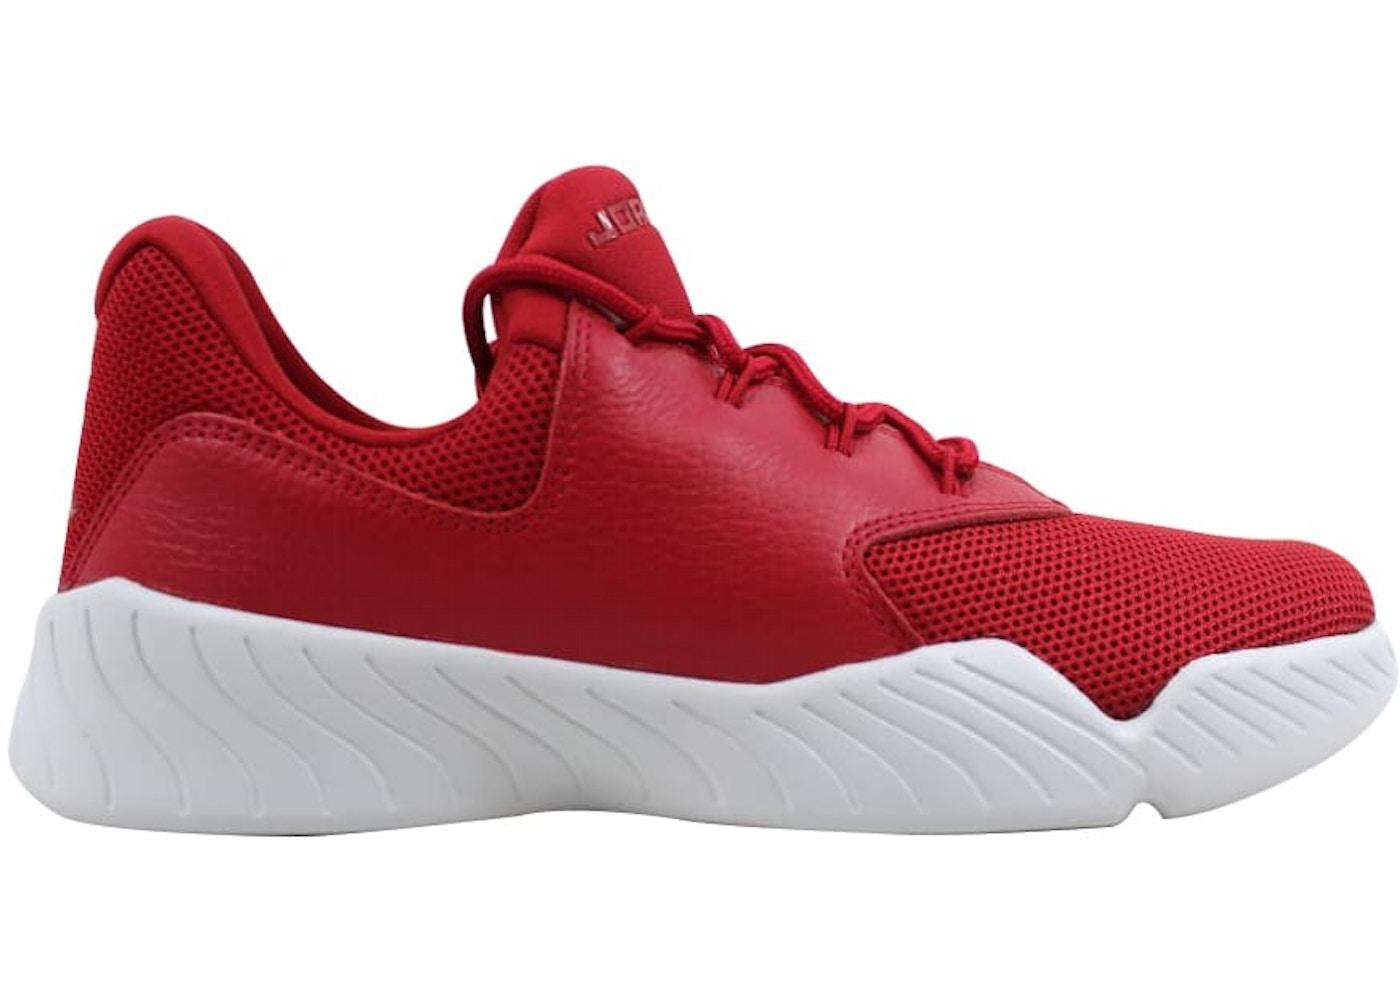 89ec453bca9 Air Jordan J23 Low Gym Red/Gym Red-Pure Platinum - 905288-601